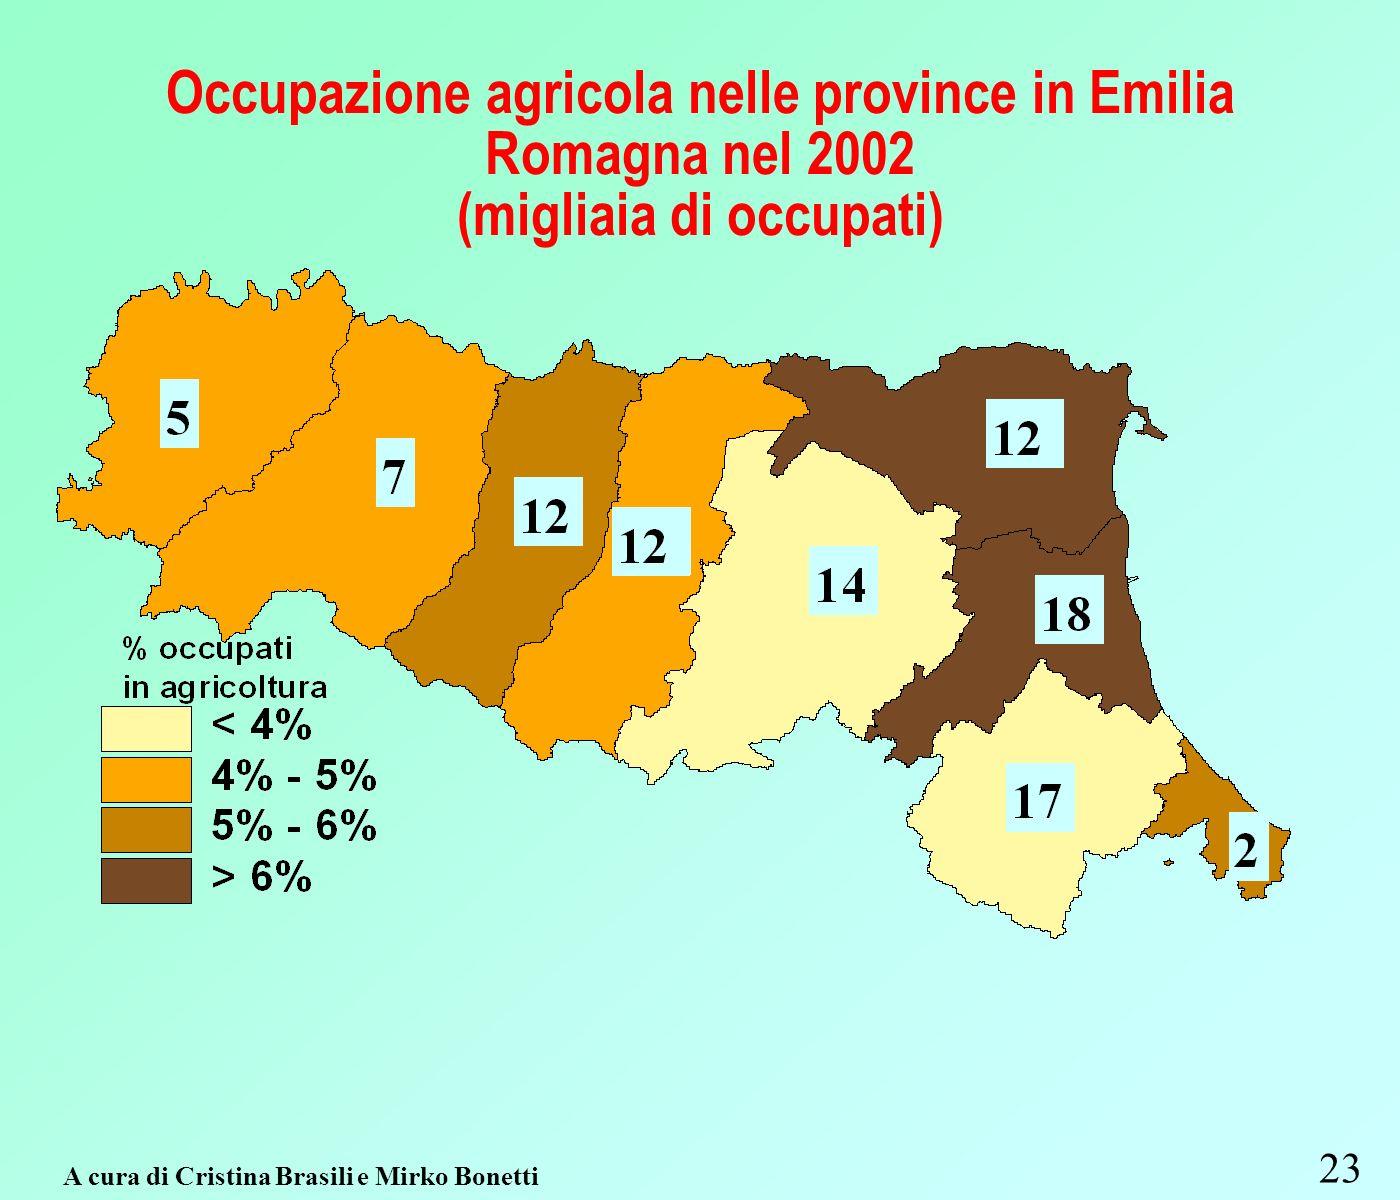 Occupazione agricola nelle province in Emilia Romagna nel 2002 (migliaia di occupati) 23 A cura di Cristina Brasili e Mirko Bonetti